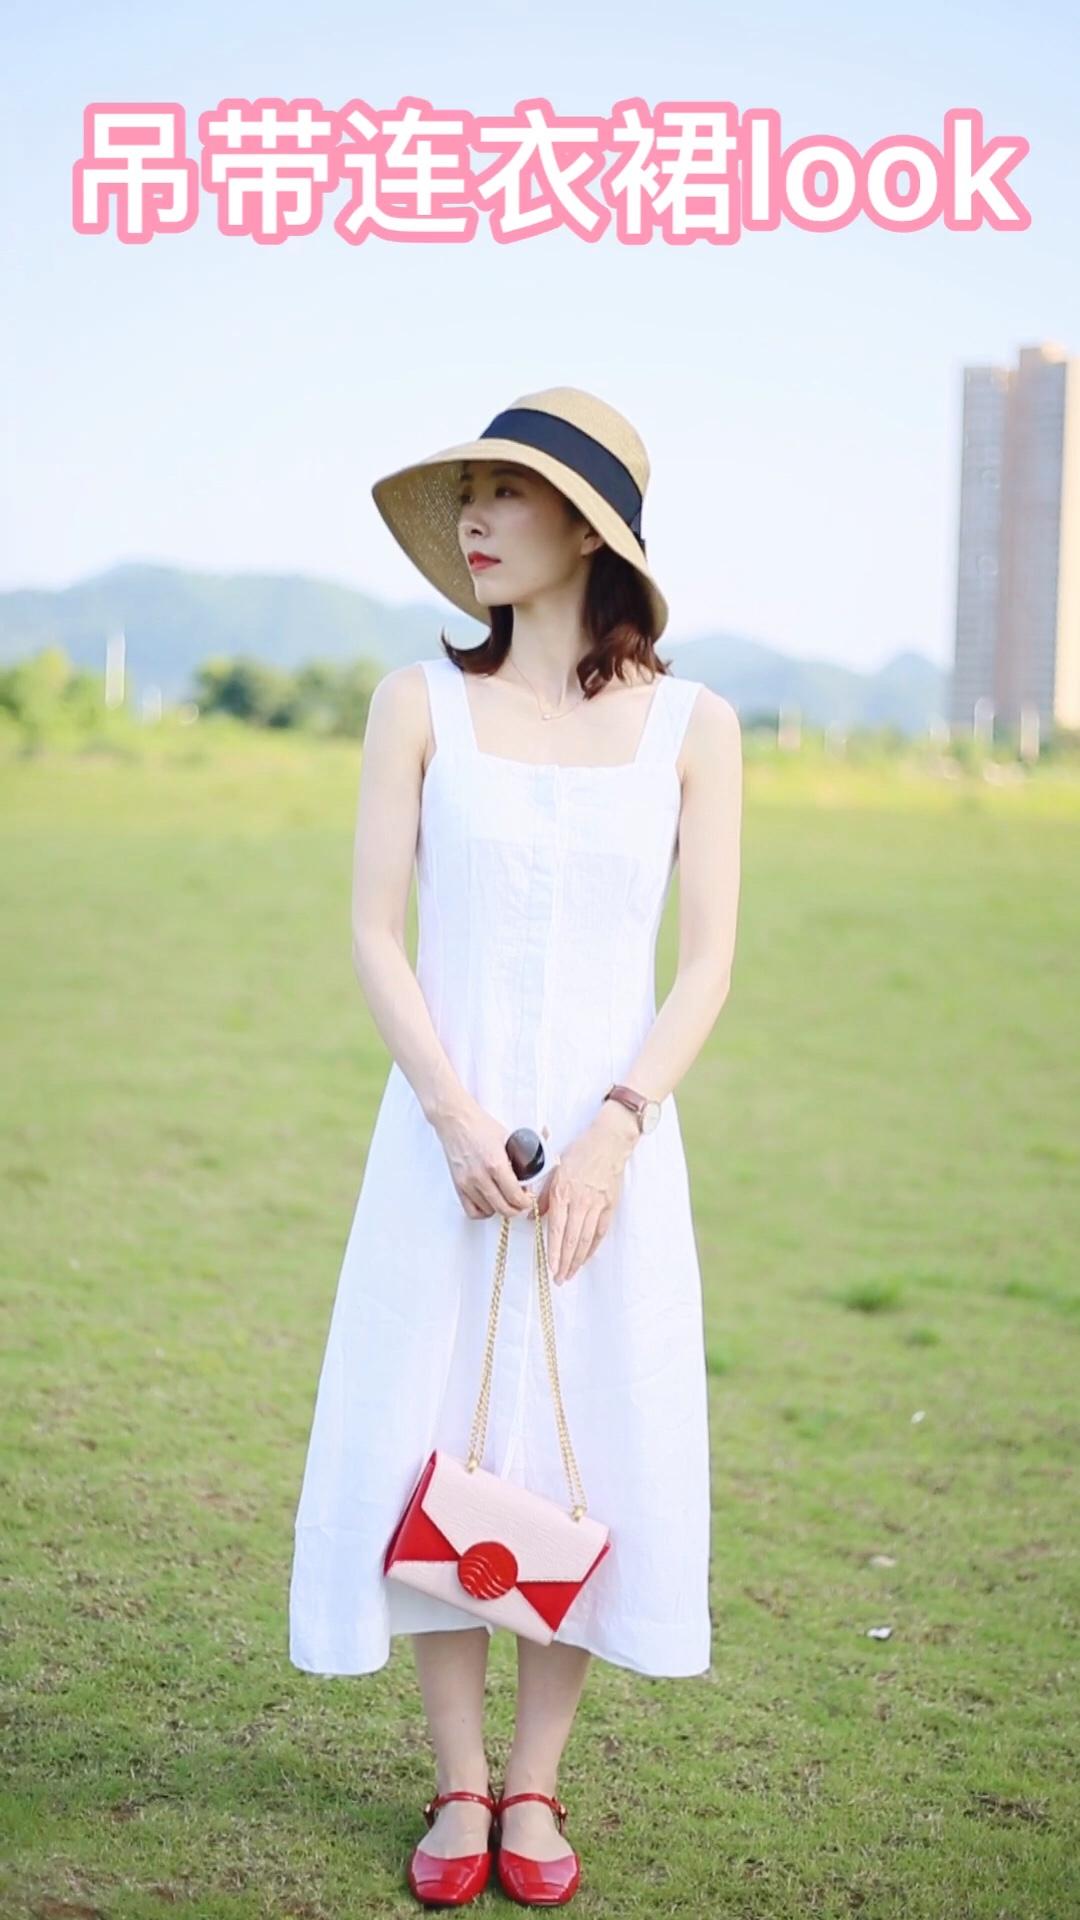 #618必入,不用修腿的小裙子!# 女生夏天一定要有的一条白色连衣裙 宽肩带的设计不用担心内衣的选择而且很遮副乳哦 搭配了红色小皮鞋和红色拼色包包 让本身白色的裙子很有色彩感 而且更加显白哦 收腰的设计很显瘦  个人非常喜欢的一套啦